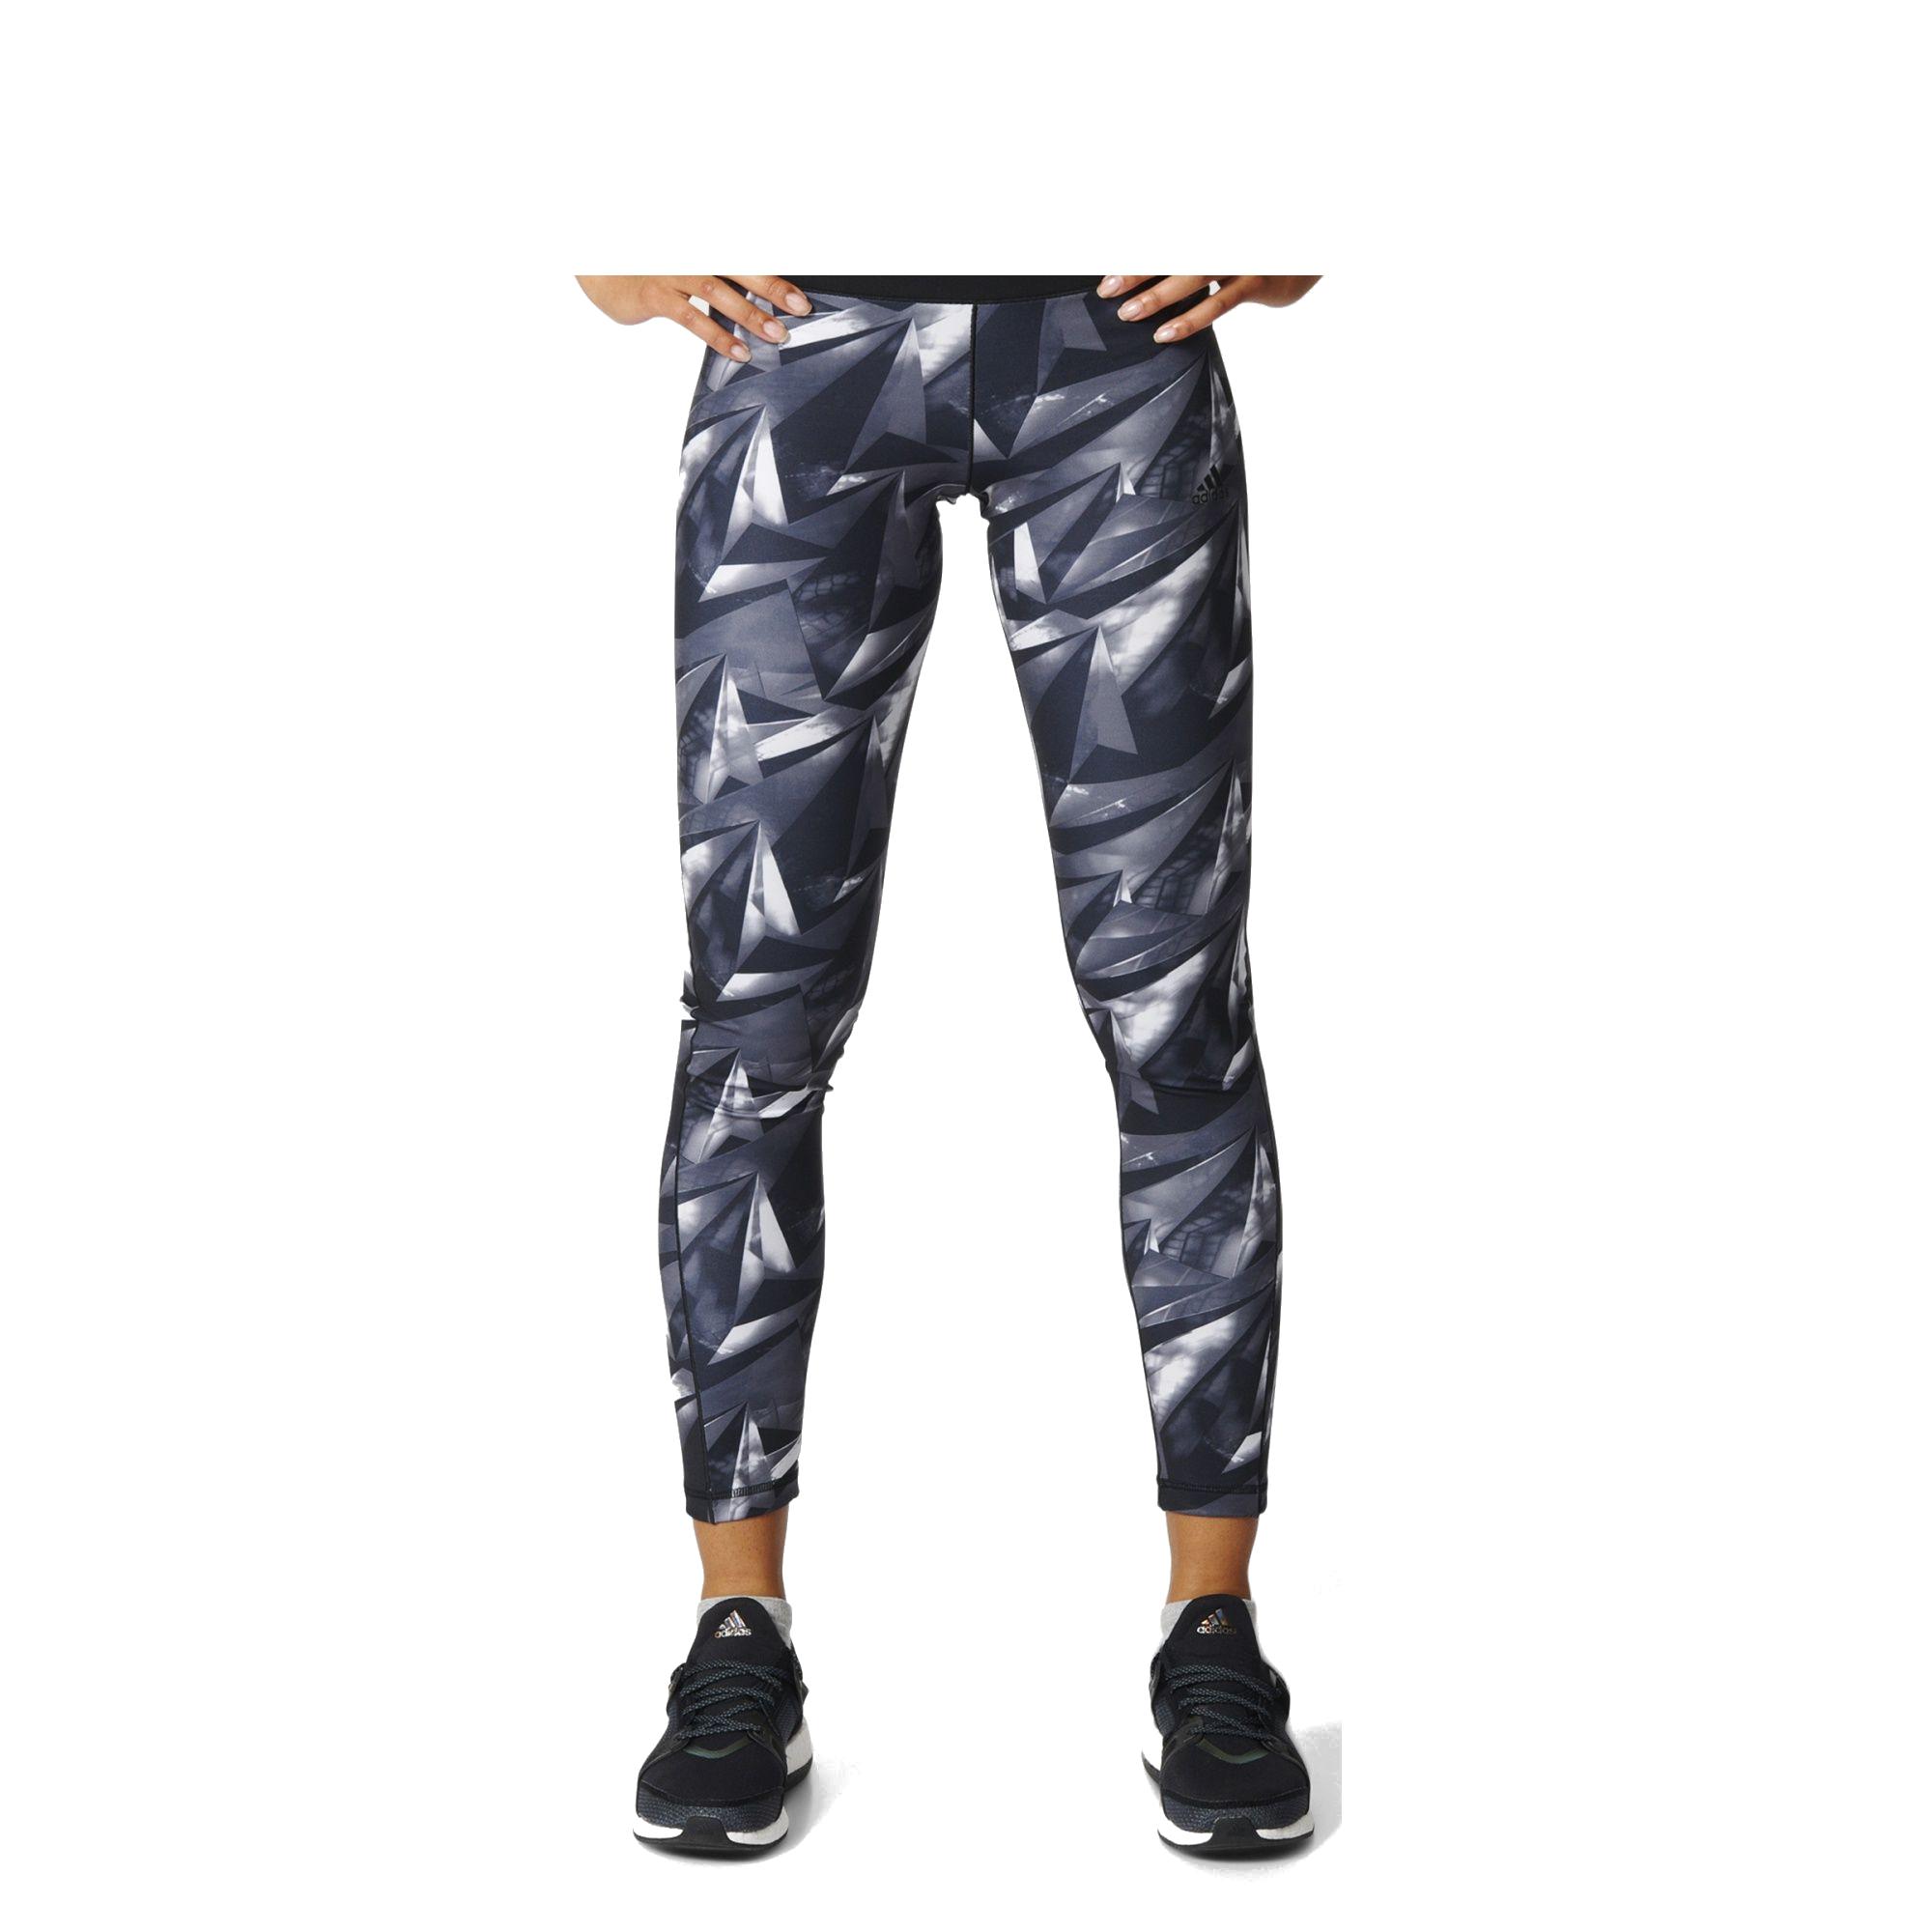 Zwarte dames hardloopbroek Adidas